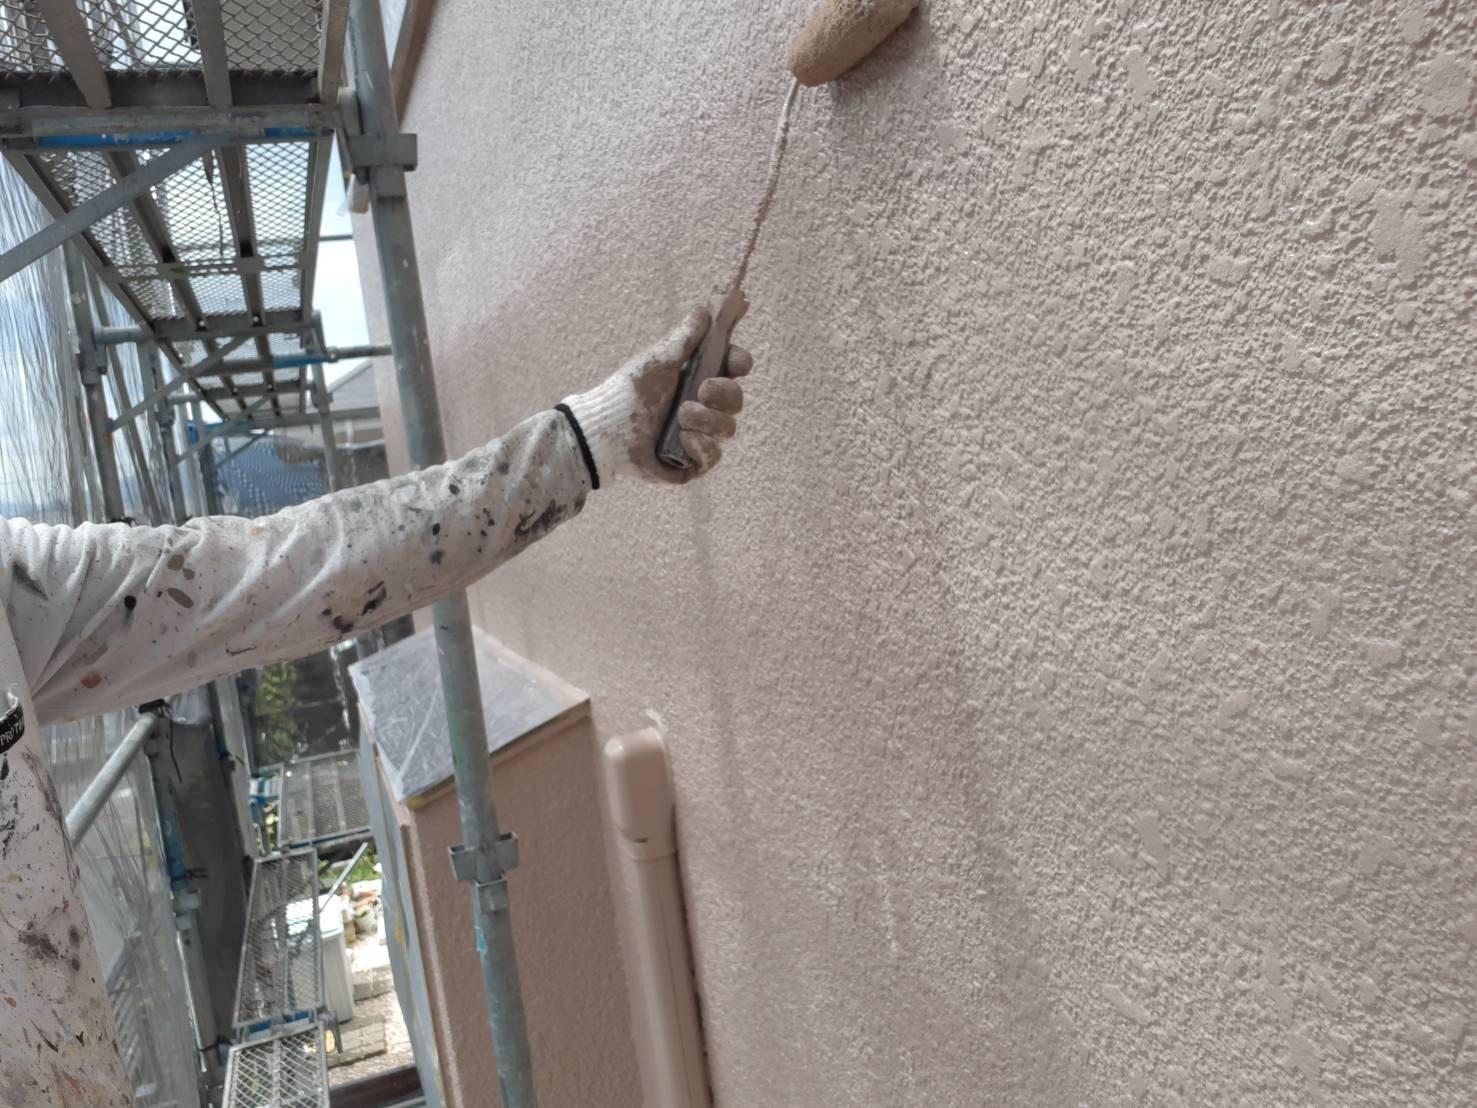 宗像市泉ヶ丘M様邸施工8日目外壁上塗り付帯塗装作業